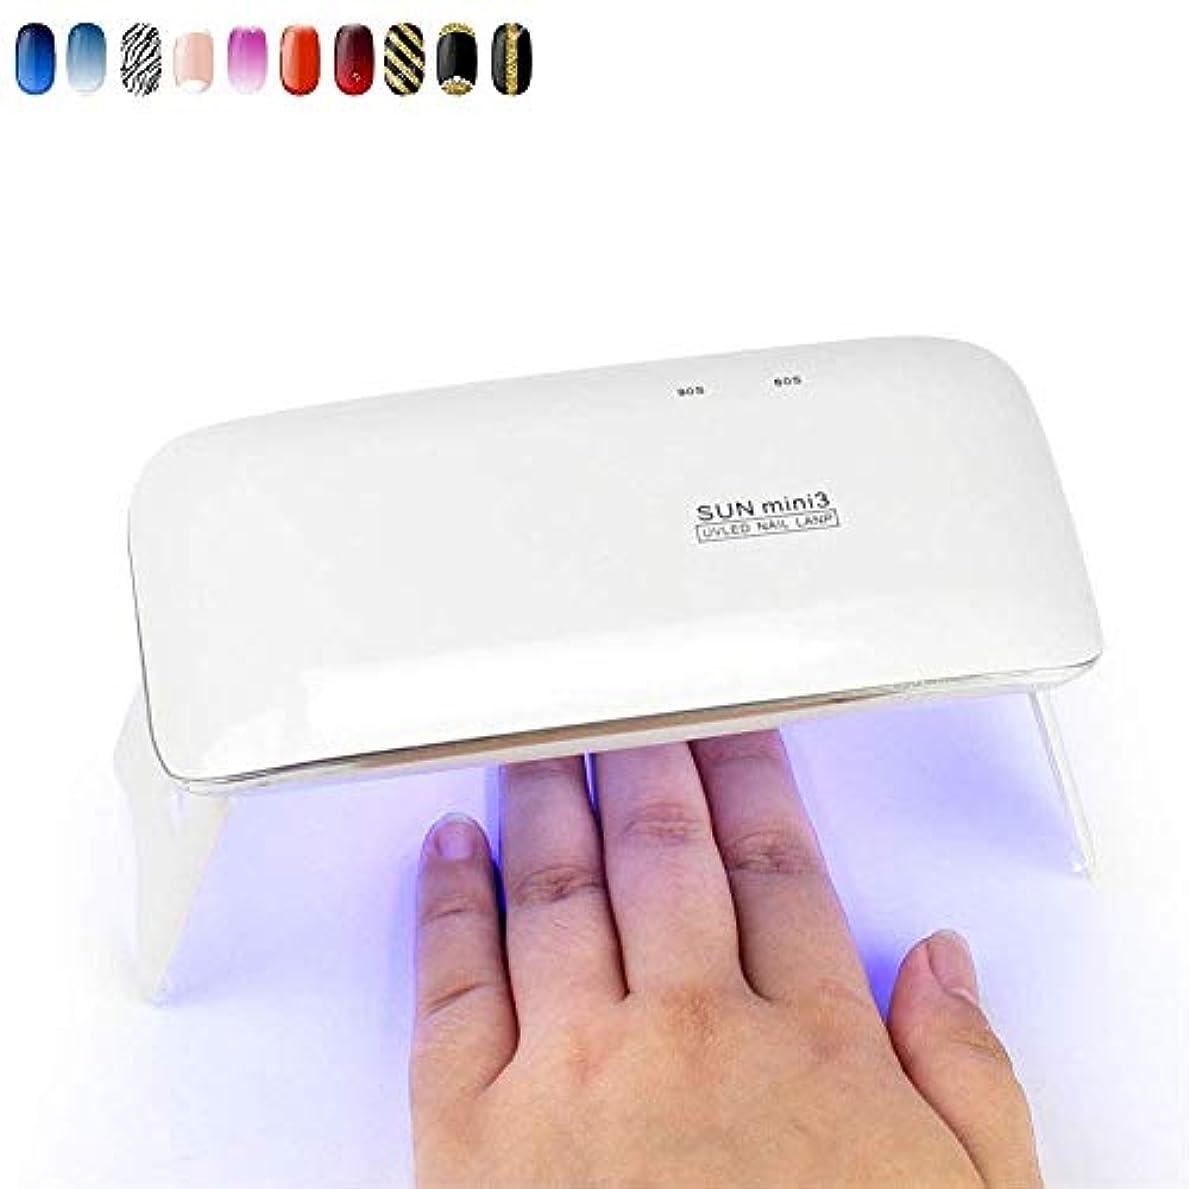 冗長廃棄前提条件ネイル用ランプとジェルポリッシュランプLEDミニネイルスタッドライト6W USB充電ネイルドライヤー高速硬化ジェルワニス